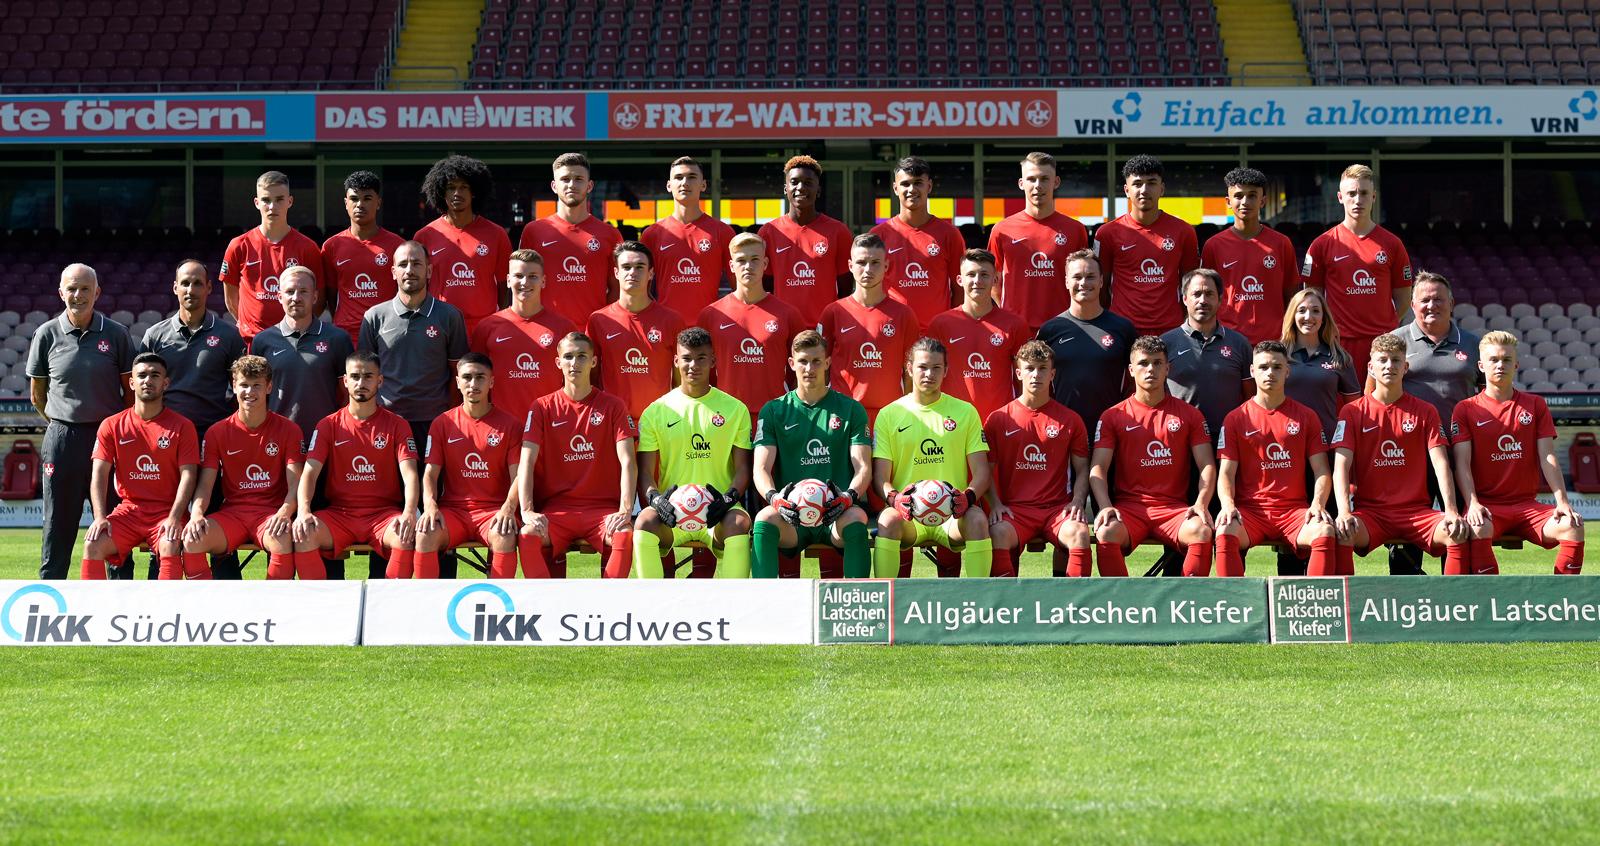 Mannschaftsfoto der FCK-U19 der Saison 2019/20